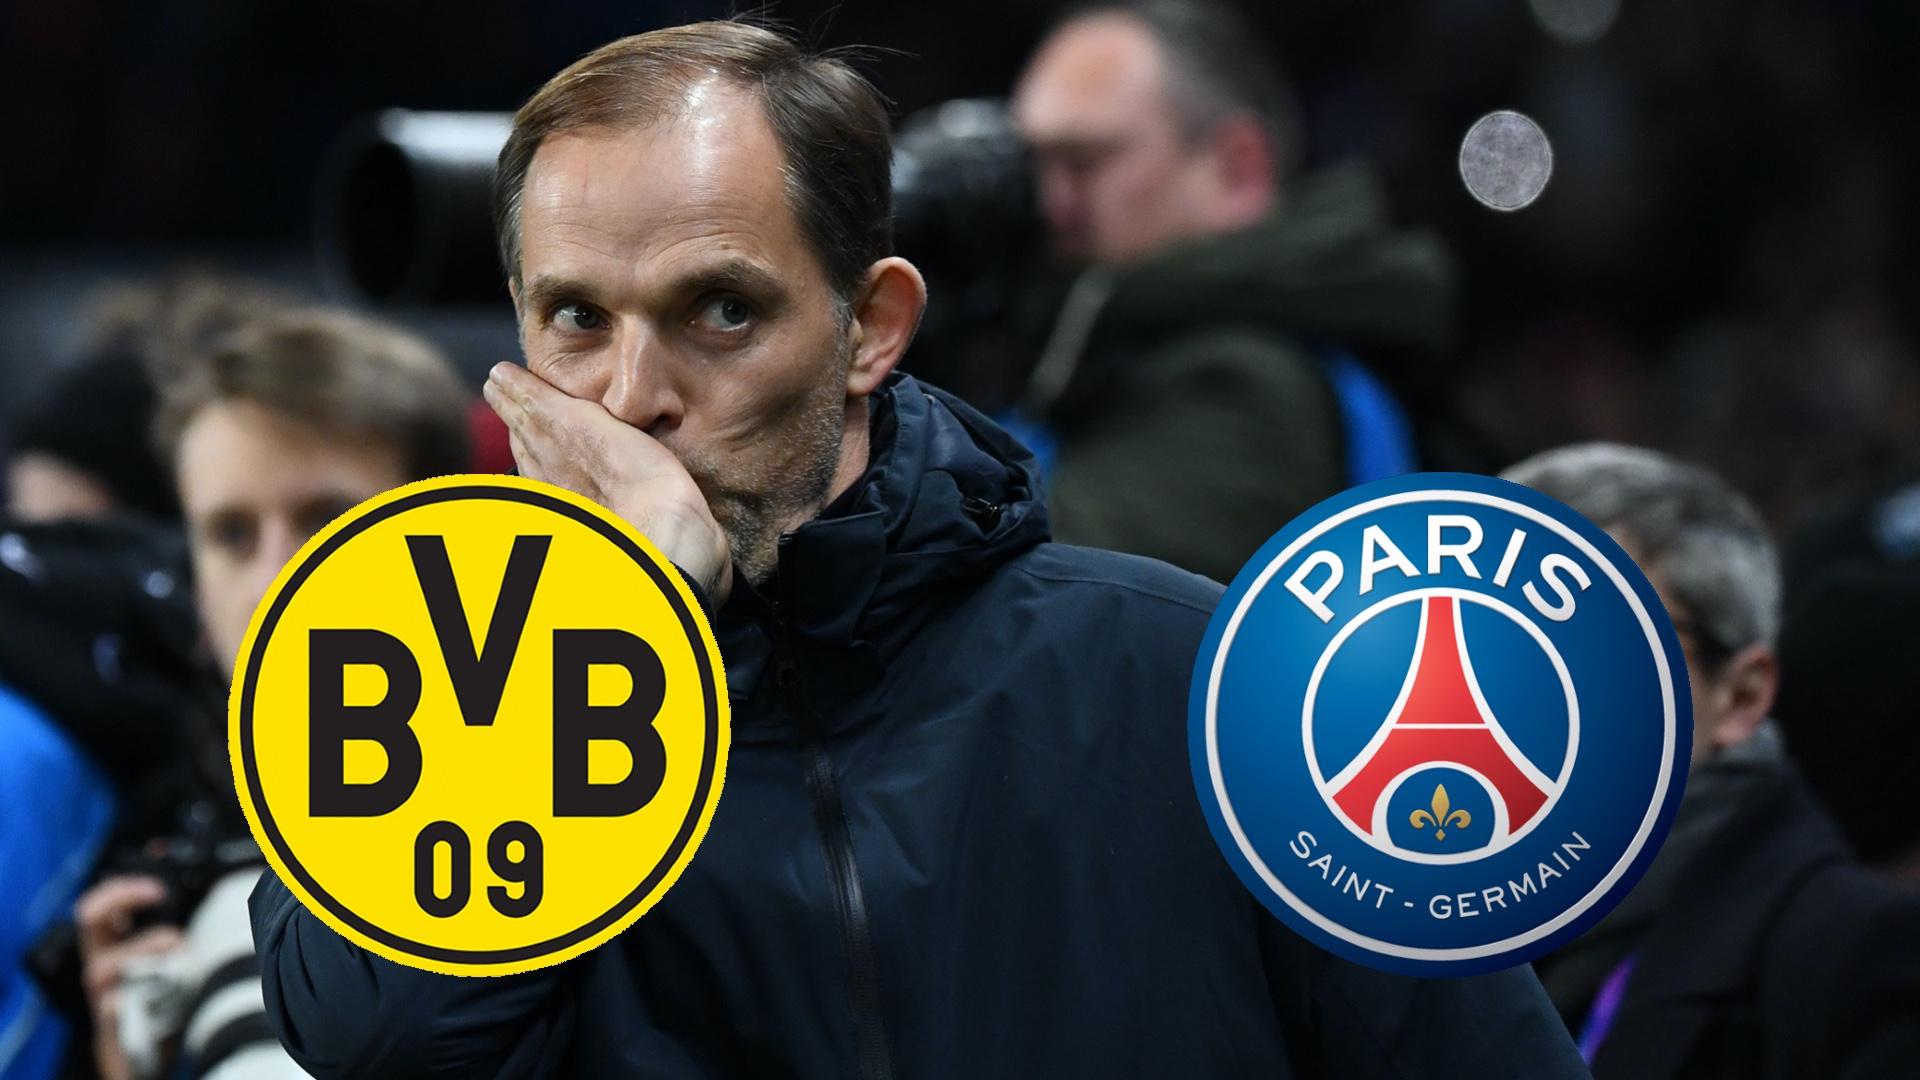 Dortmund : le PSG arrive ce midi, entraînement à 19h au Signal Iduna Park